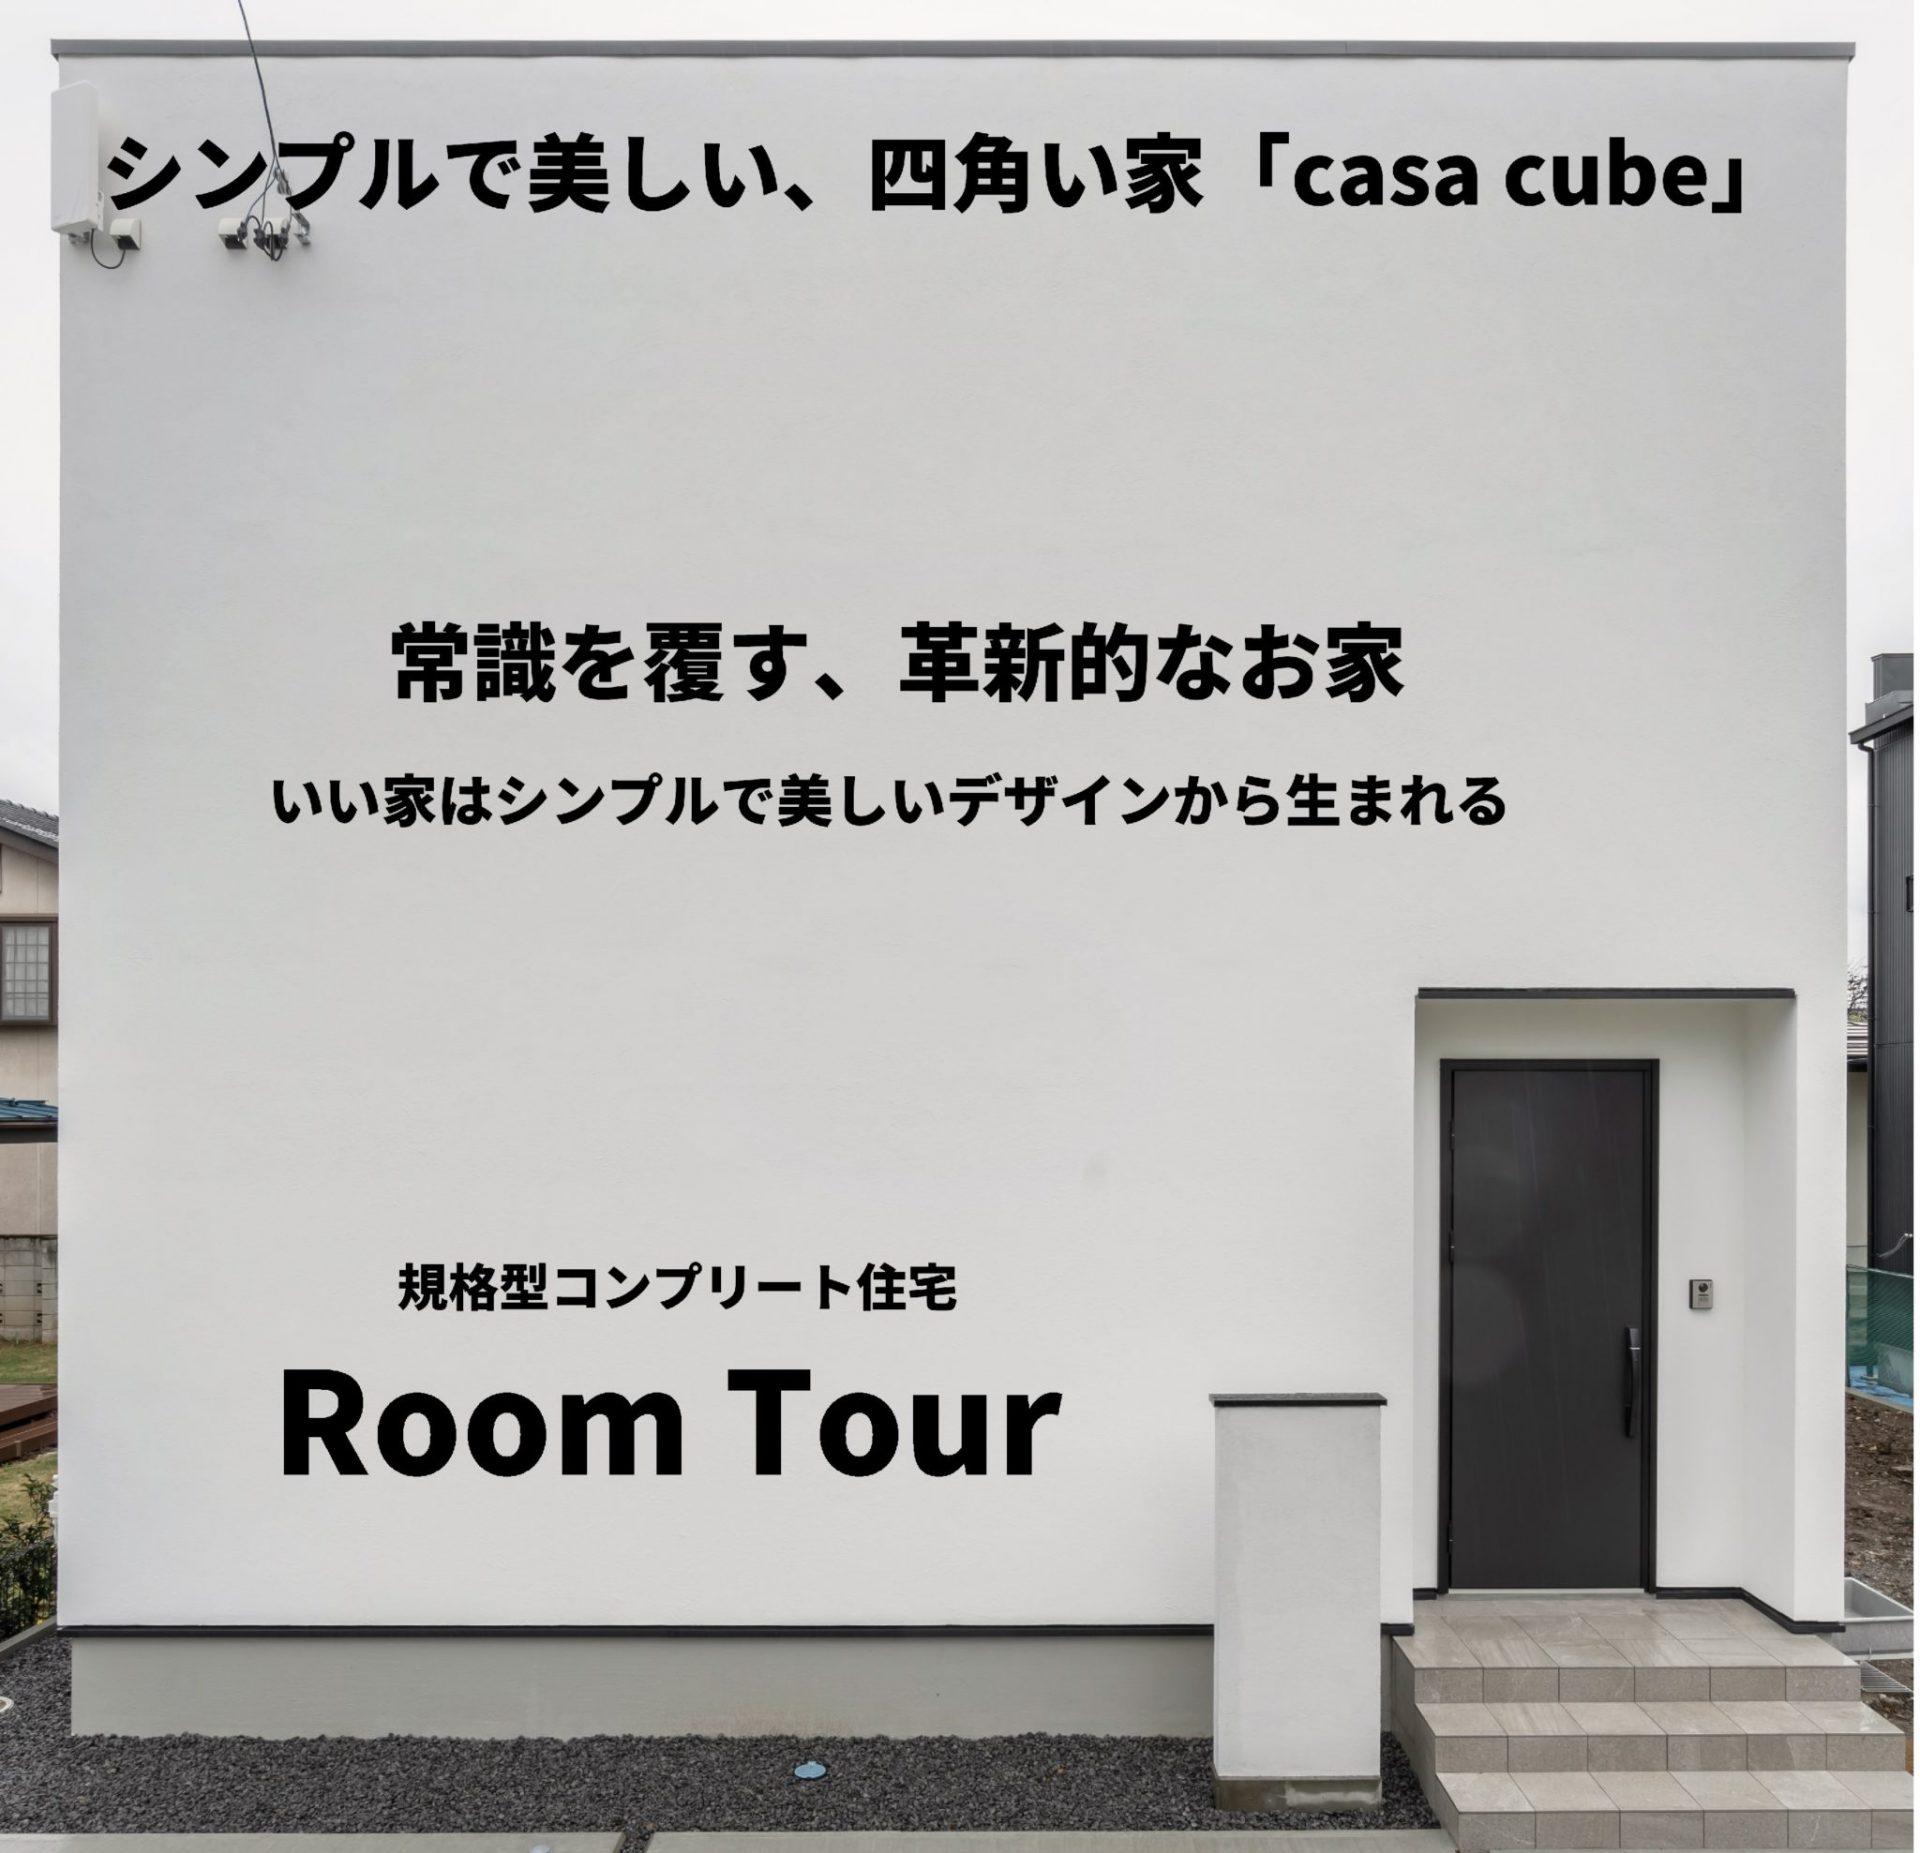 「casa cube」RoomTour をご覧ください